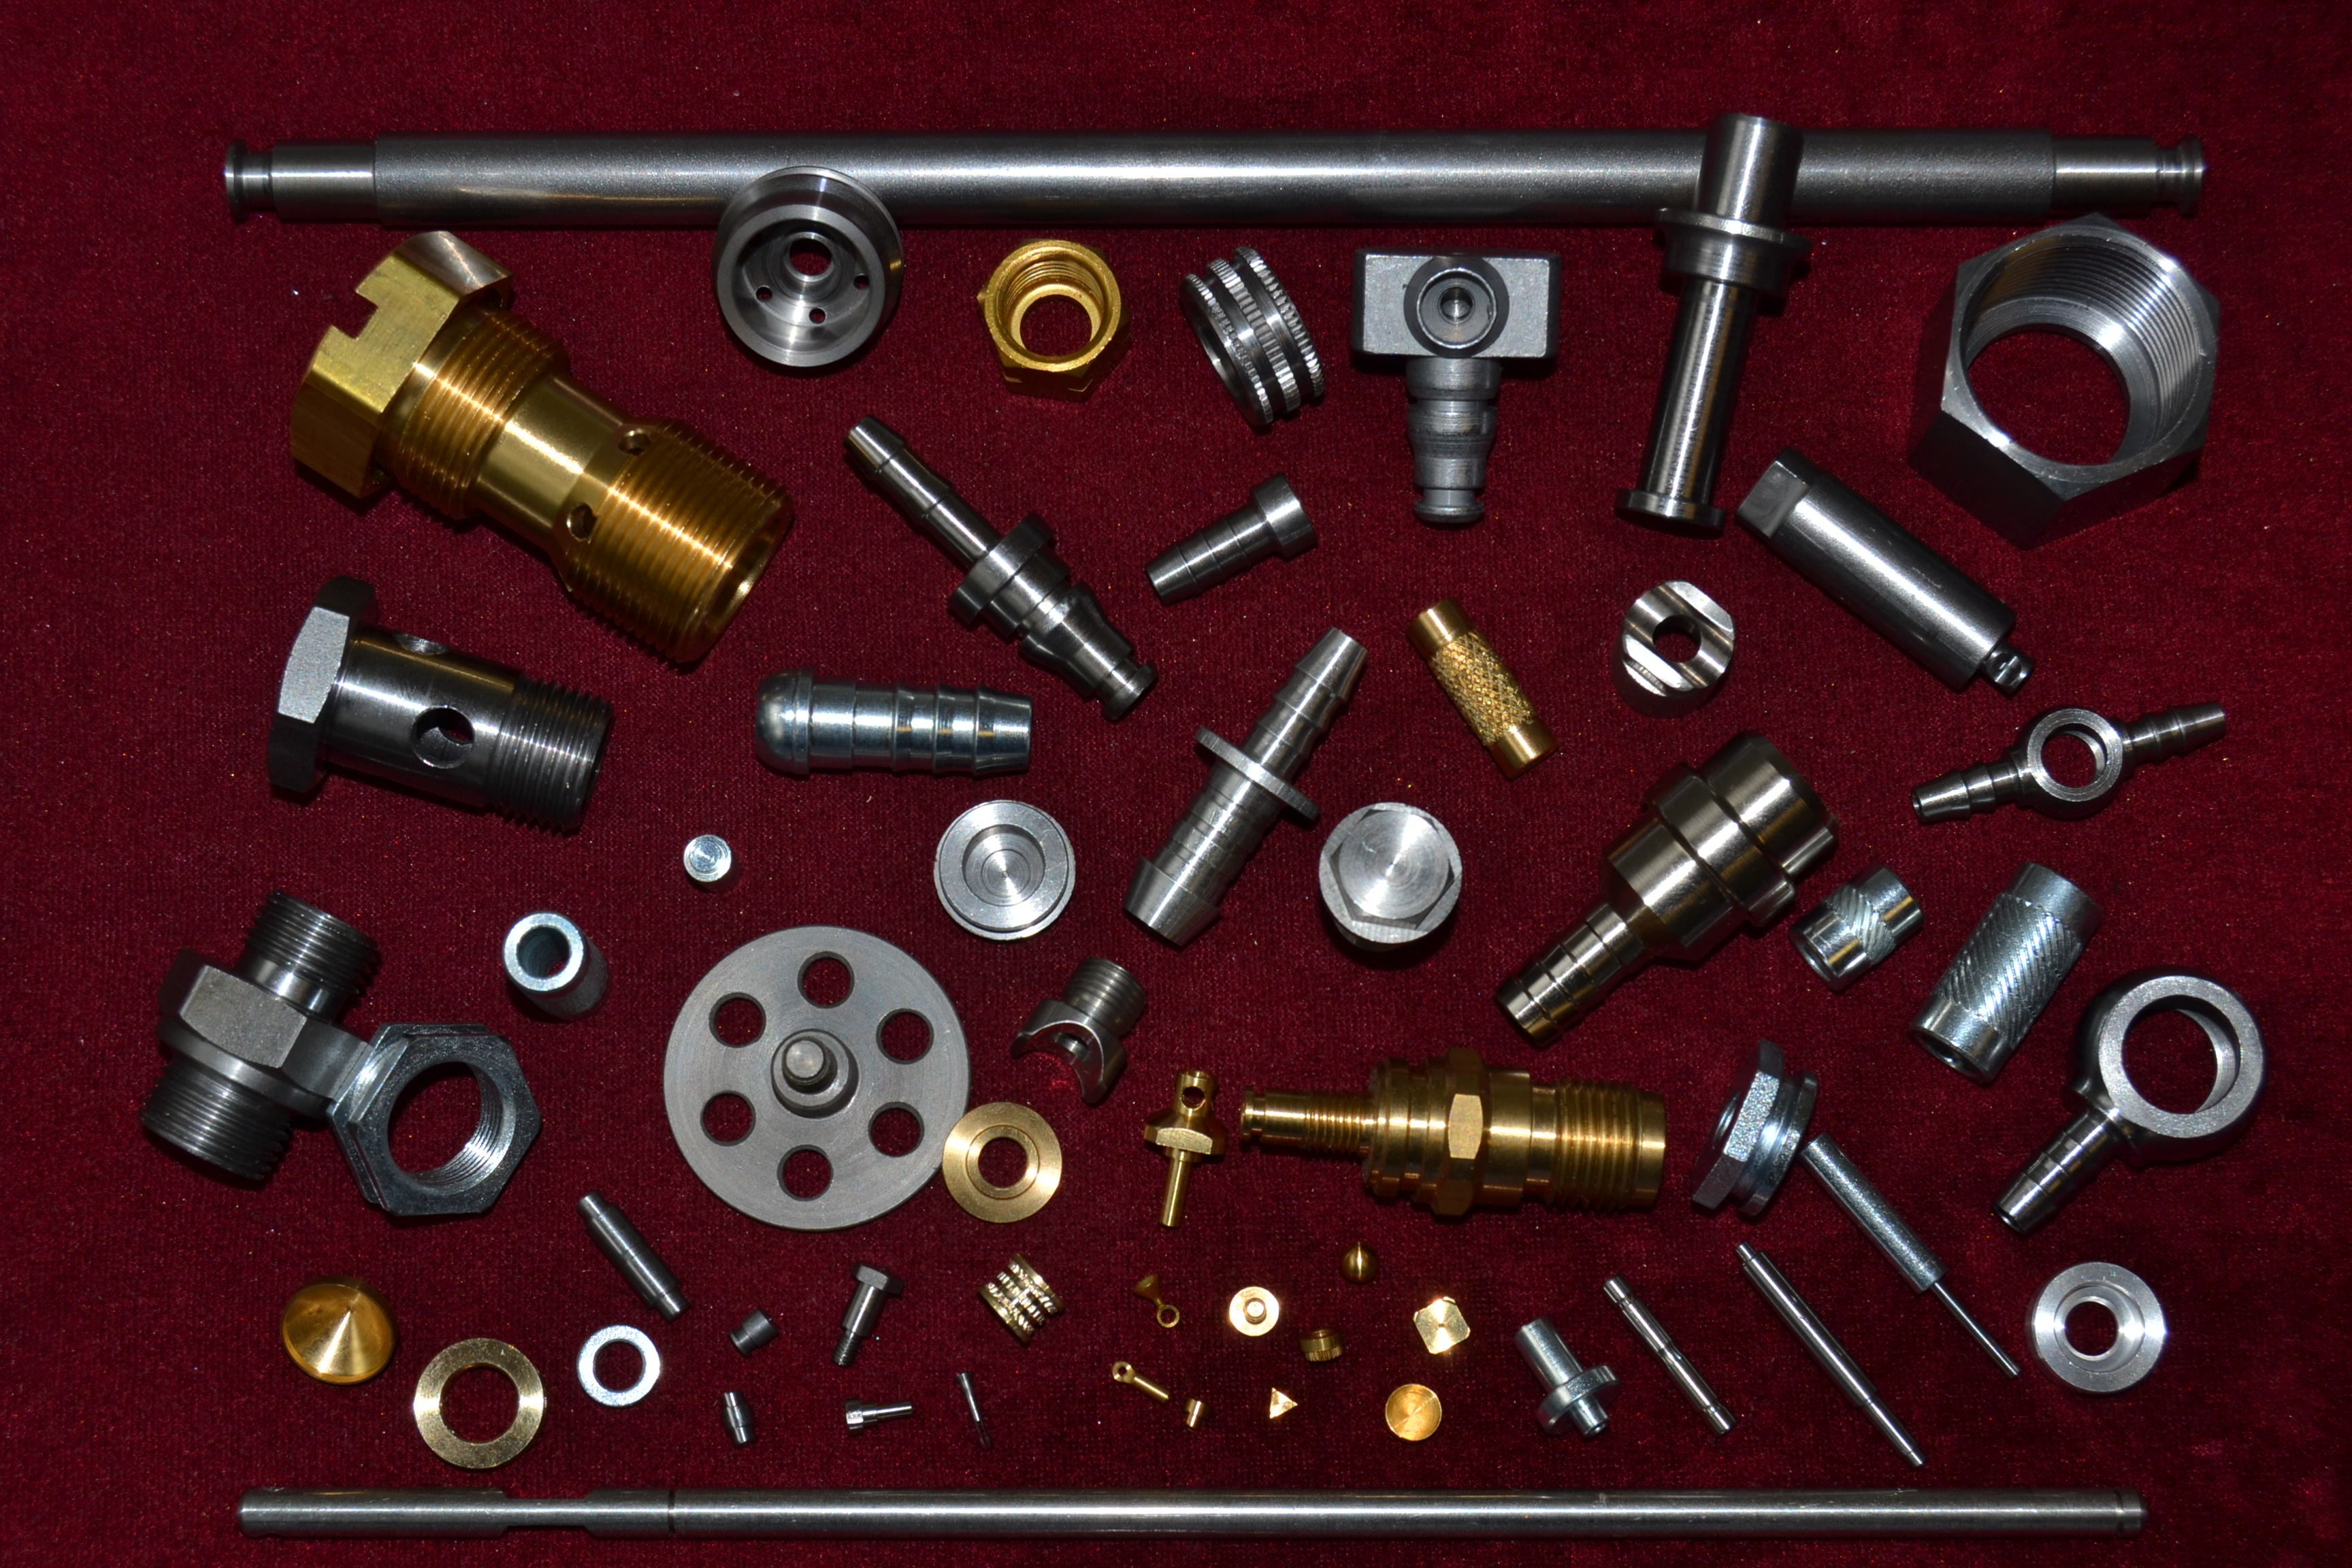 Sériově vyráběné soustružené díly.Obráběný materiál:nerezová ocel,automatová ocel,ušlechtilá ocel,mosaz,hliník,plasty